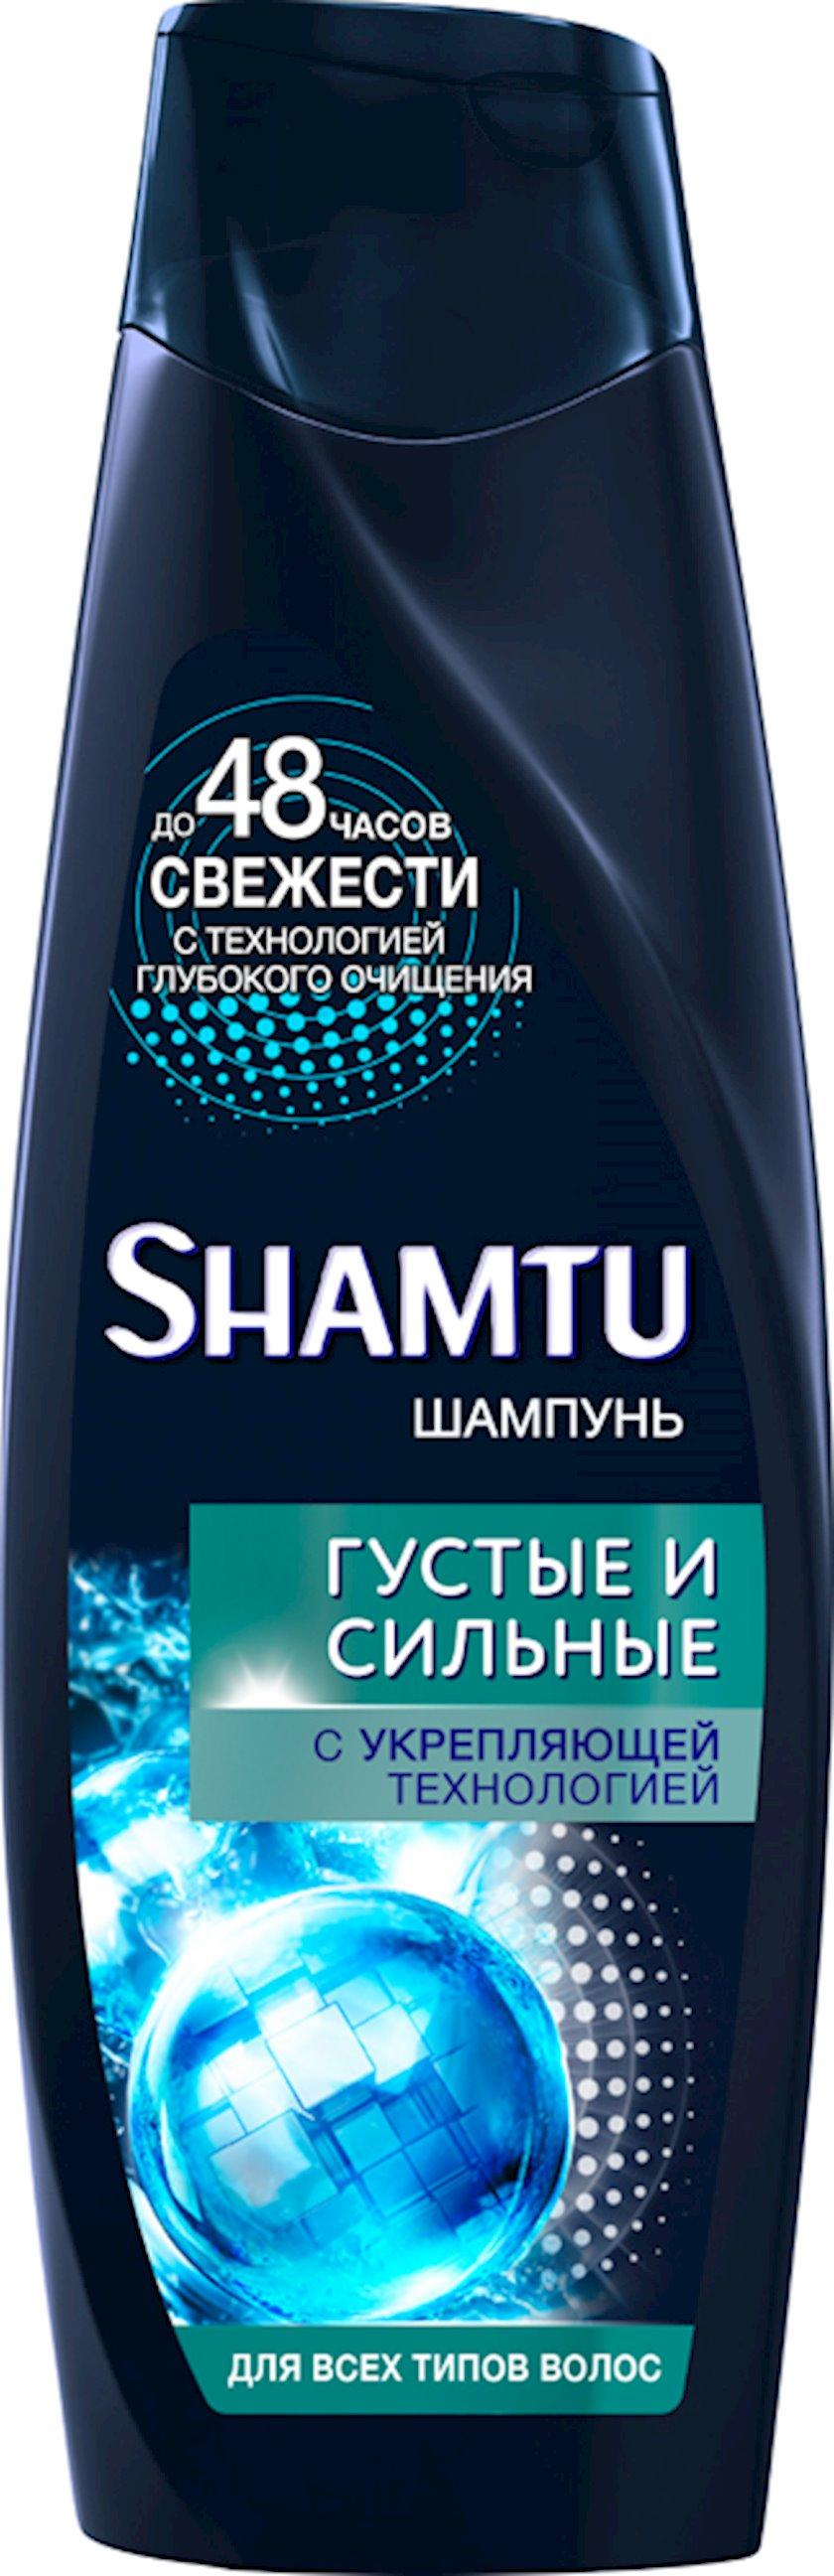 Şampun 100% kişilər üçün qalınlıq, güc və həcmi, bütün saç tipləri üçün Shamtu 360 ml